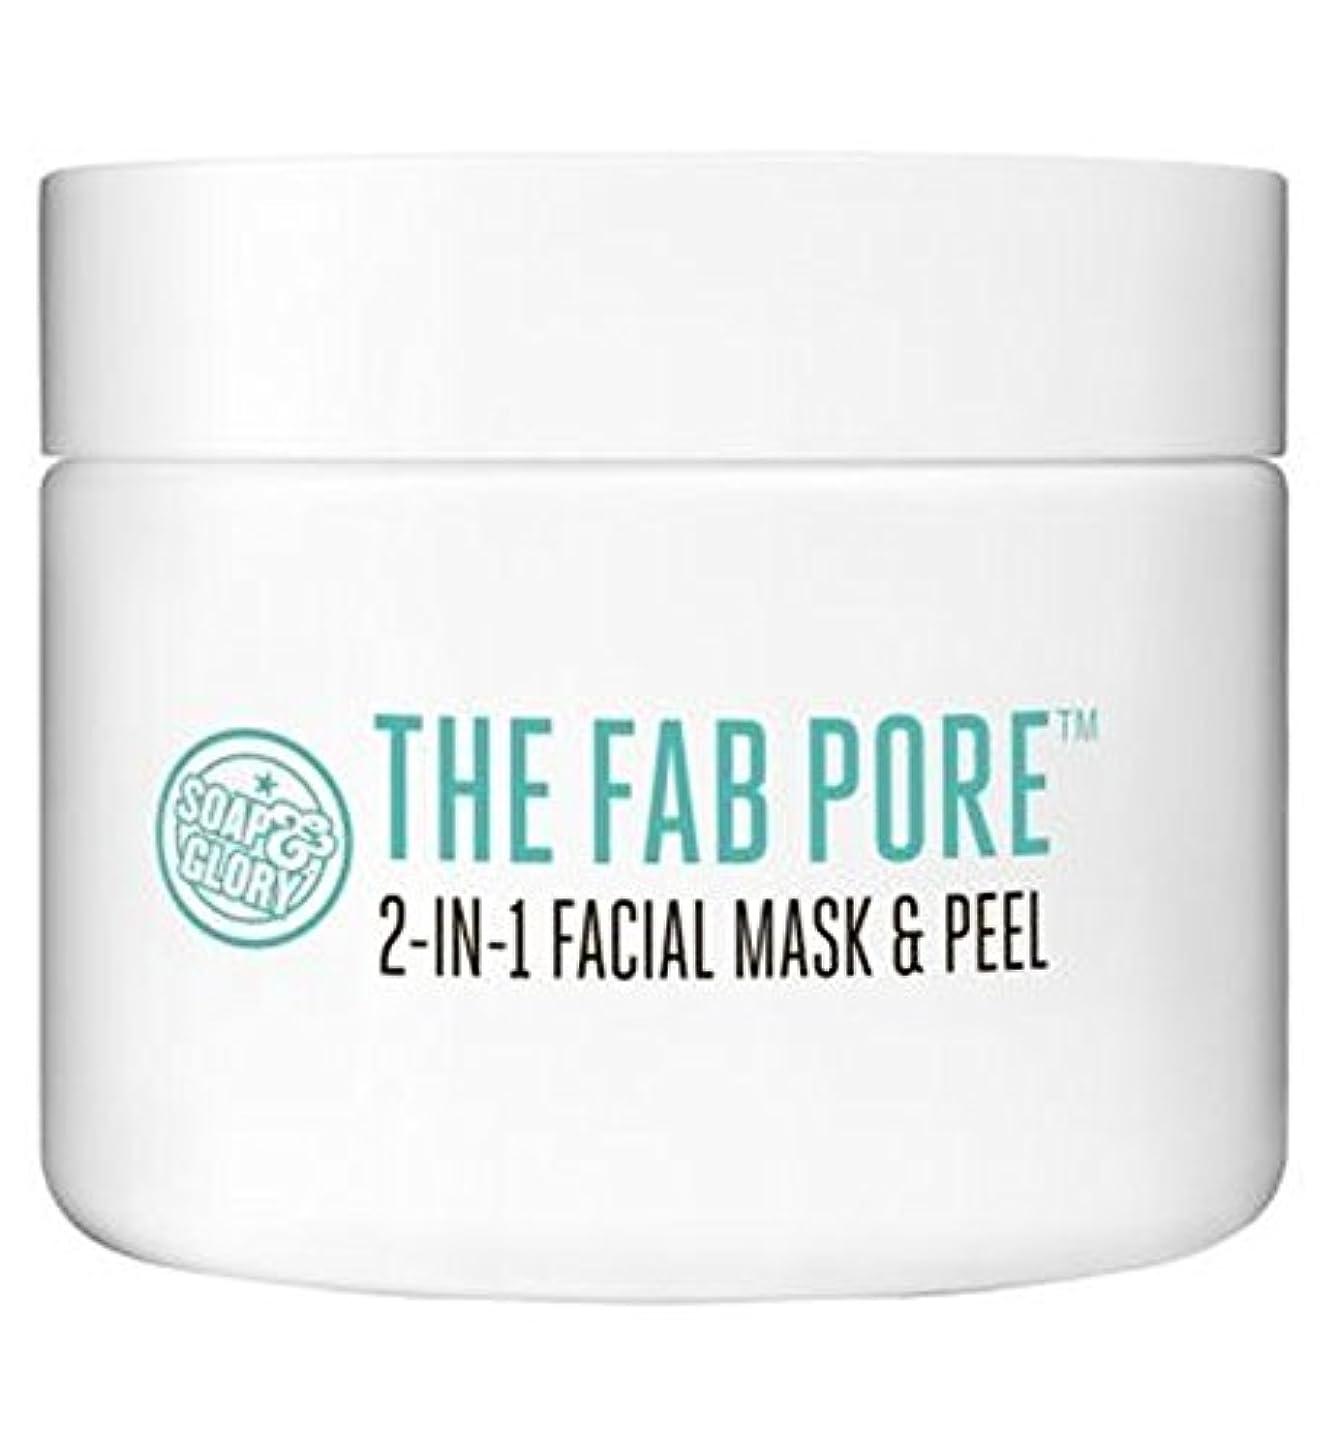 副詞軽減するこれまでファブ細孔?2イン1顔の細孔浄化マスク&ピール?石鹸&栄光 (Soap & Glory) (x2) - Soap & Glory? Fab Pore? 2-in-1 Facial Pore Purifying Mask...